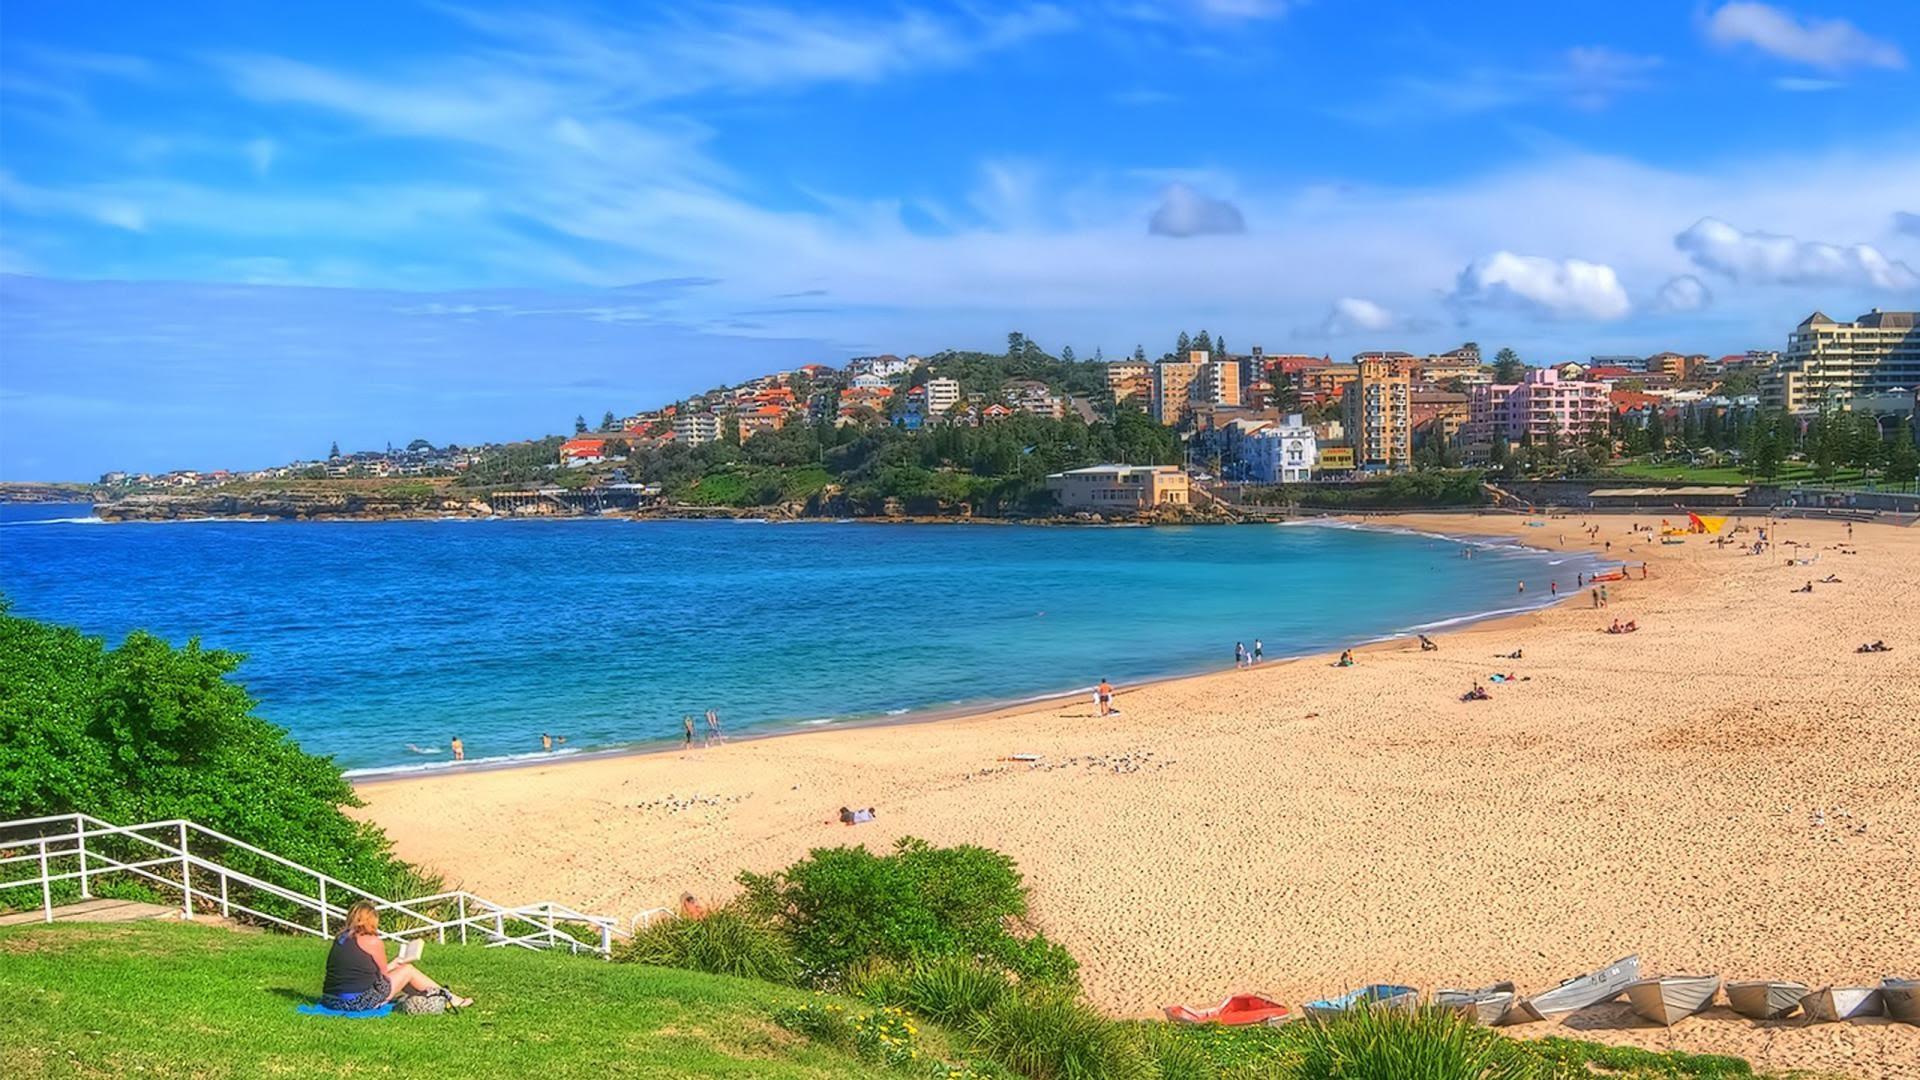 Parque nacional de la playa nudista de Sydney